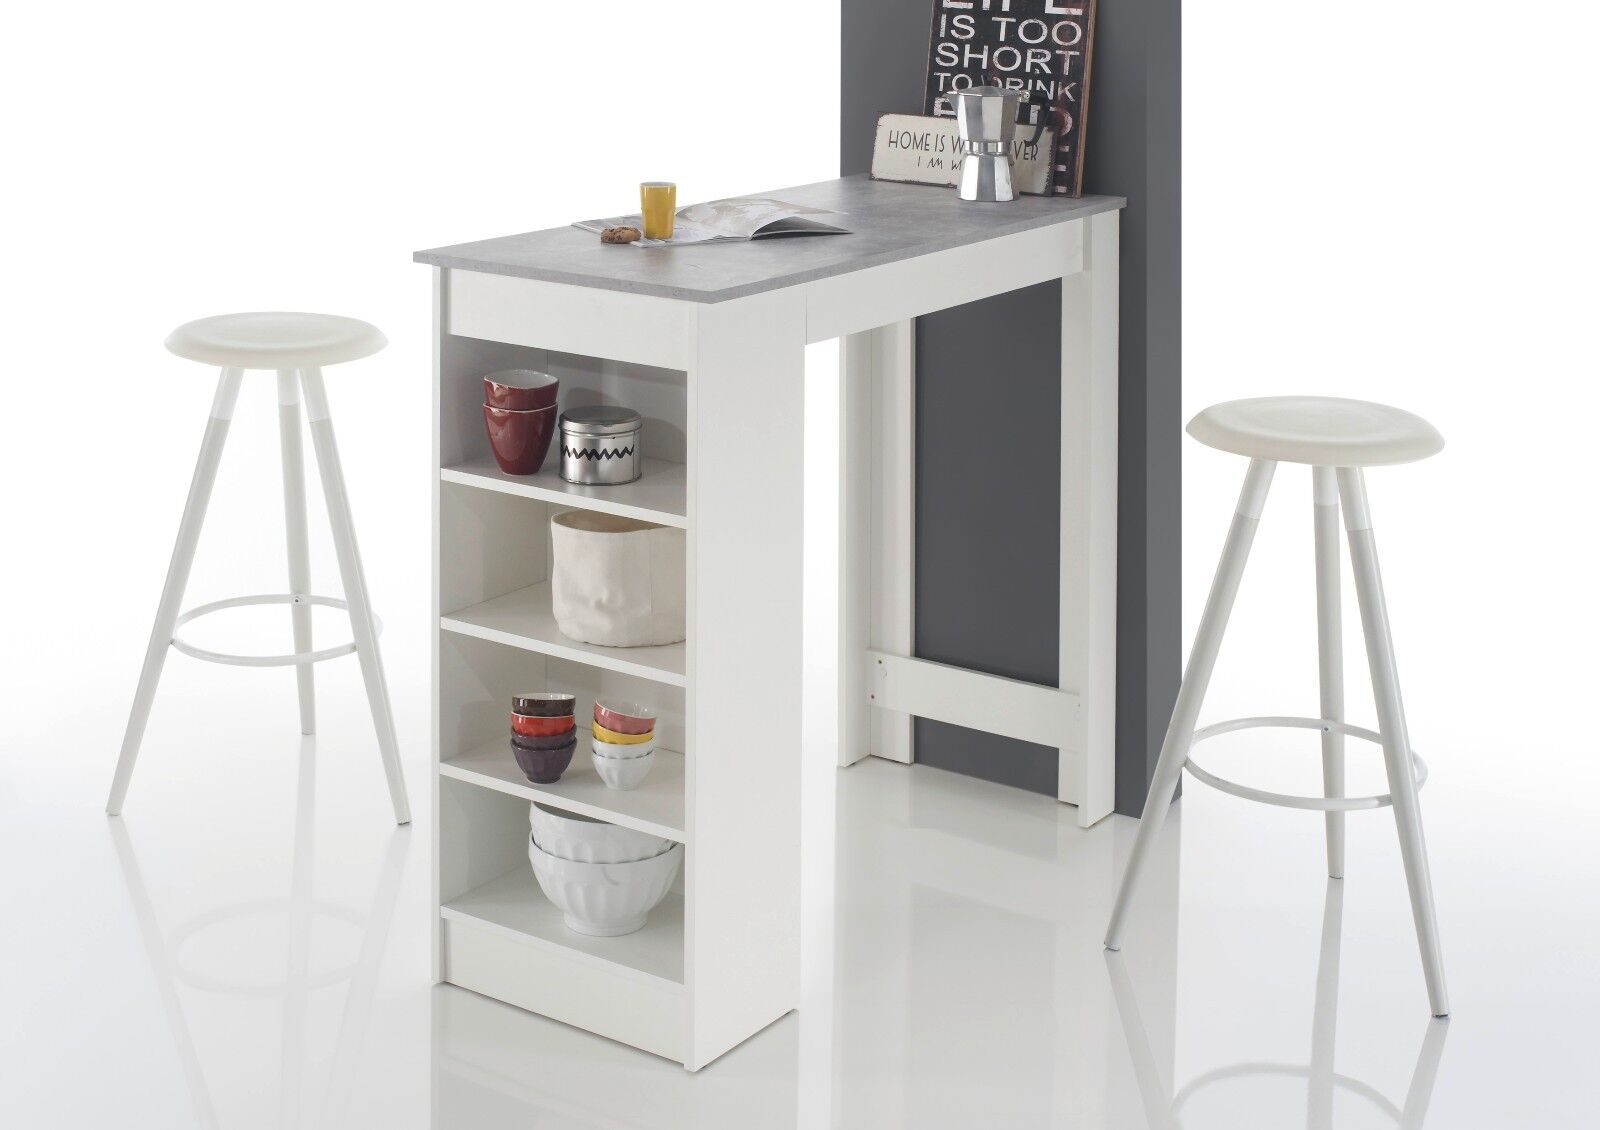 Bartisch Mojito, Stehtisch, Bistrotisch, Tisch, Weiß/Beton, mit Regal, 115x50 cm